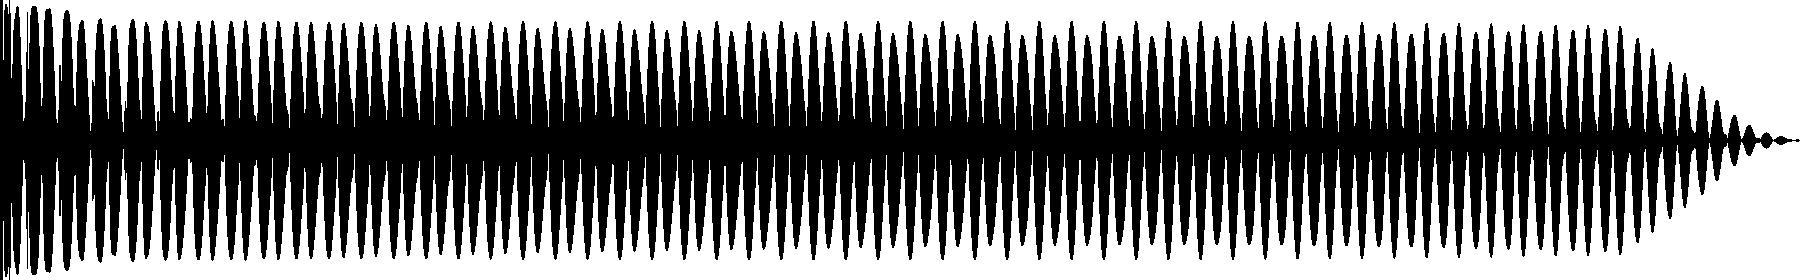 vedh bass cut 114 b